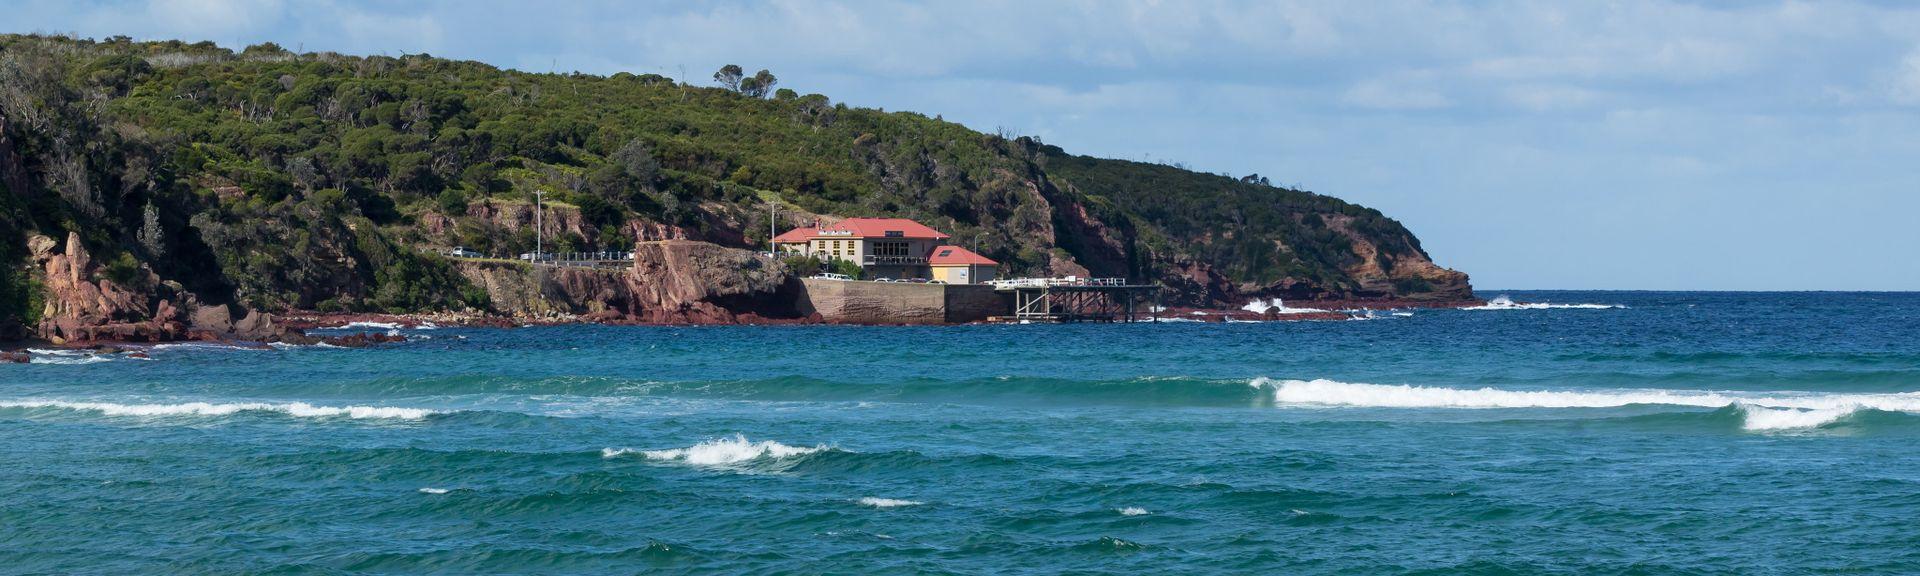 Pambula Beach, Pambula, NSW, Australia